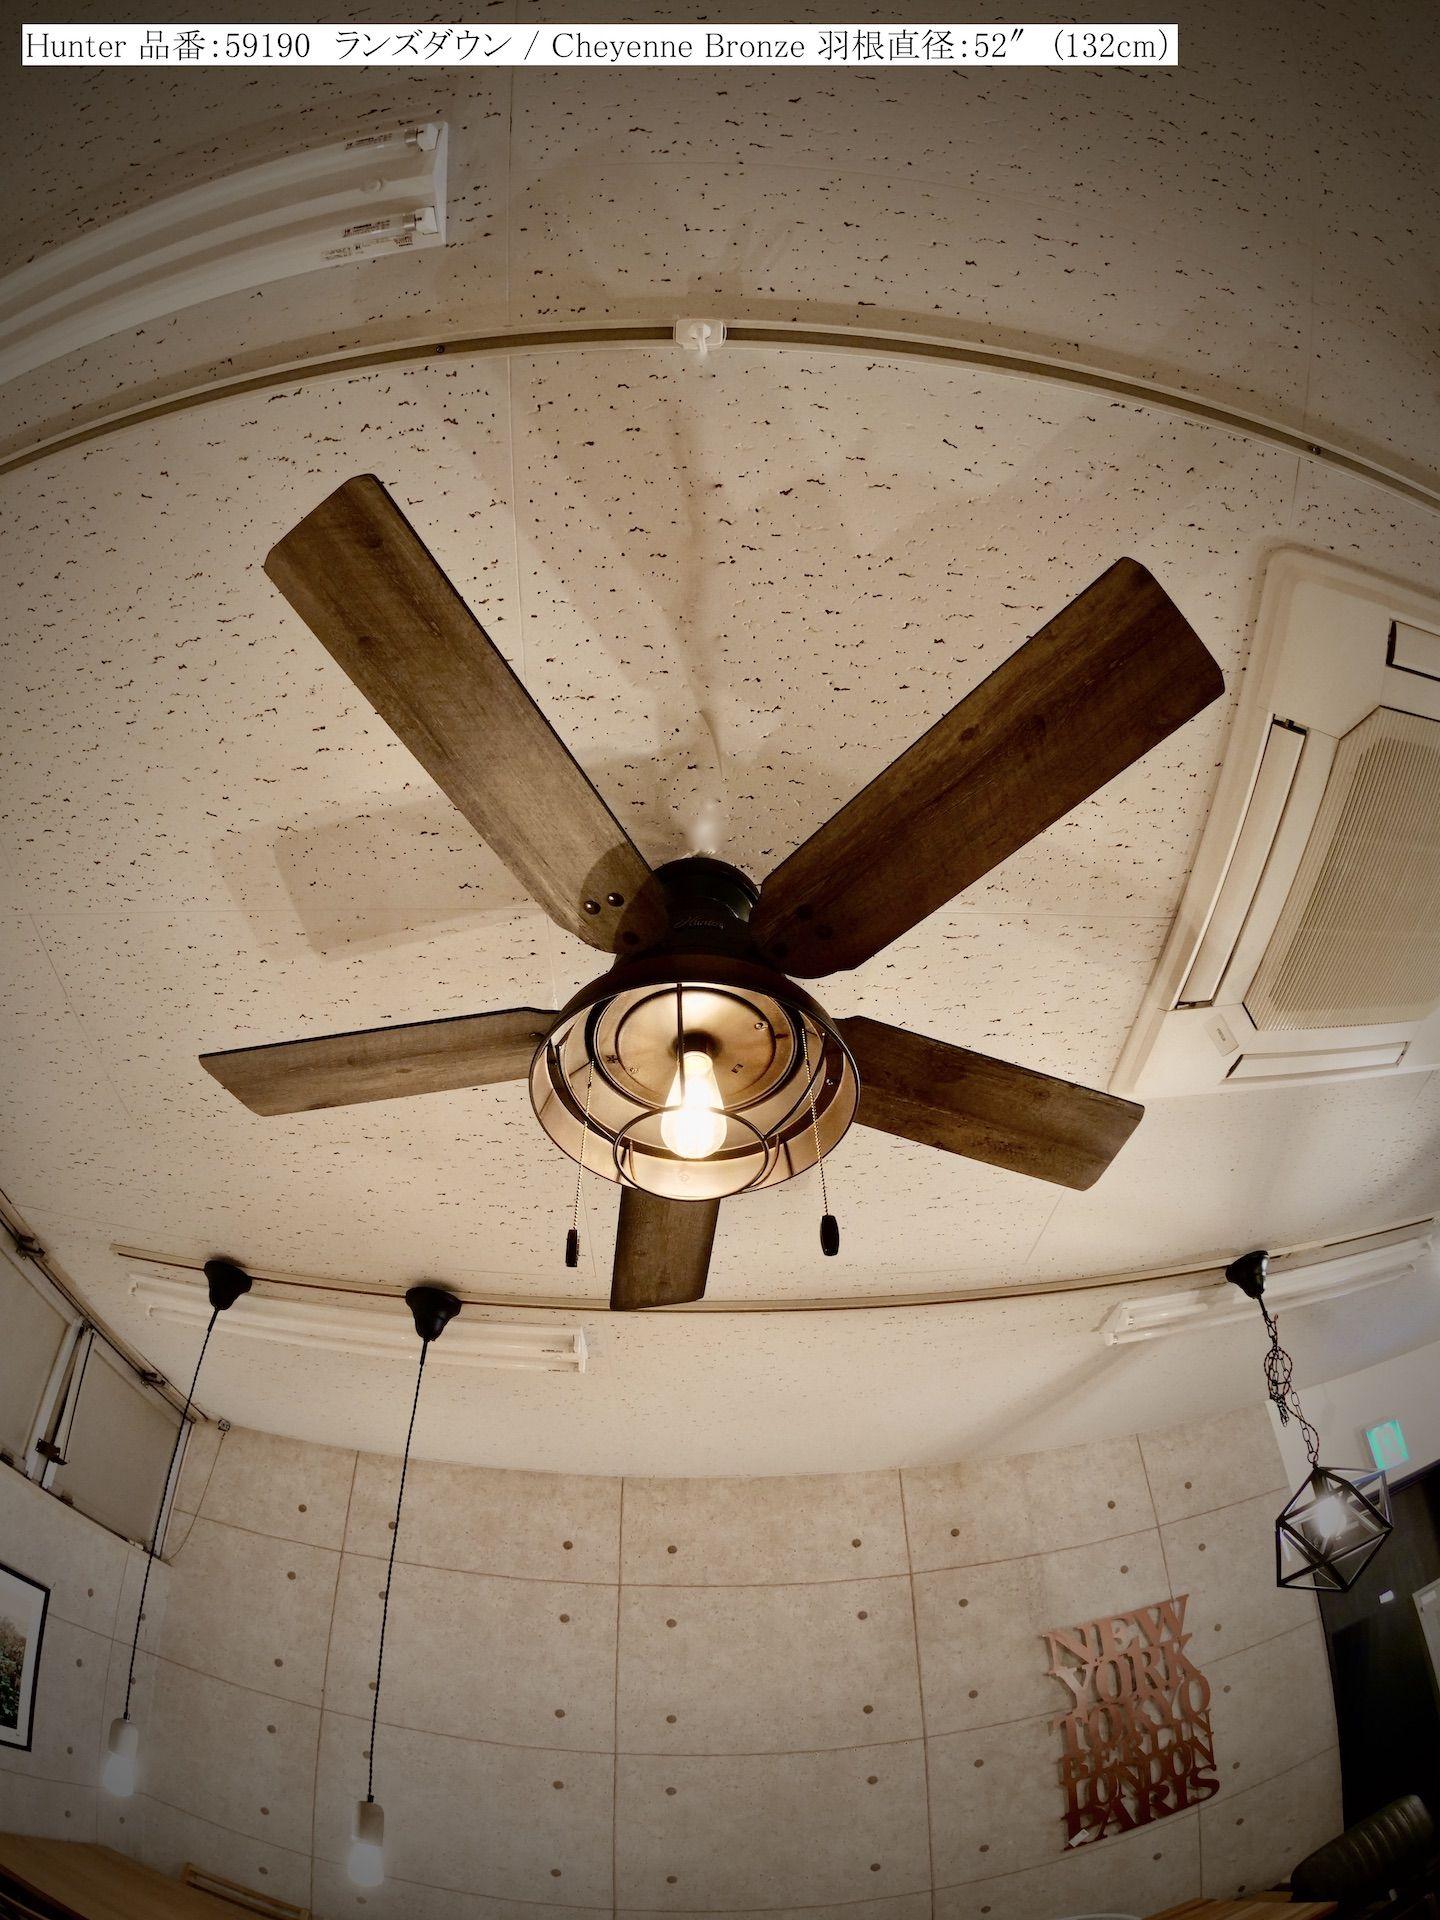 ランズダウン ハンターシーリングファン 照明led付き132cm Hunter日本